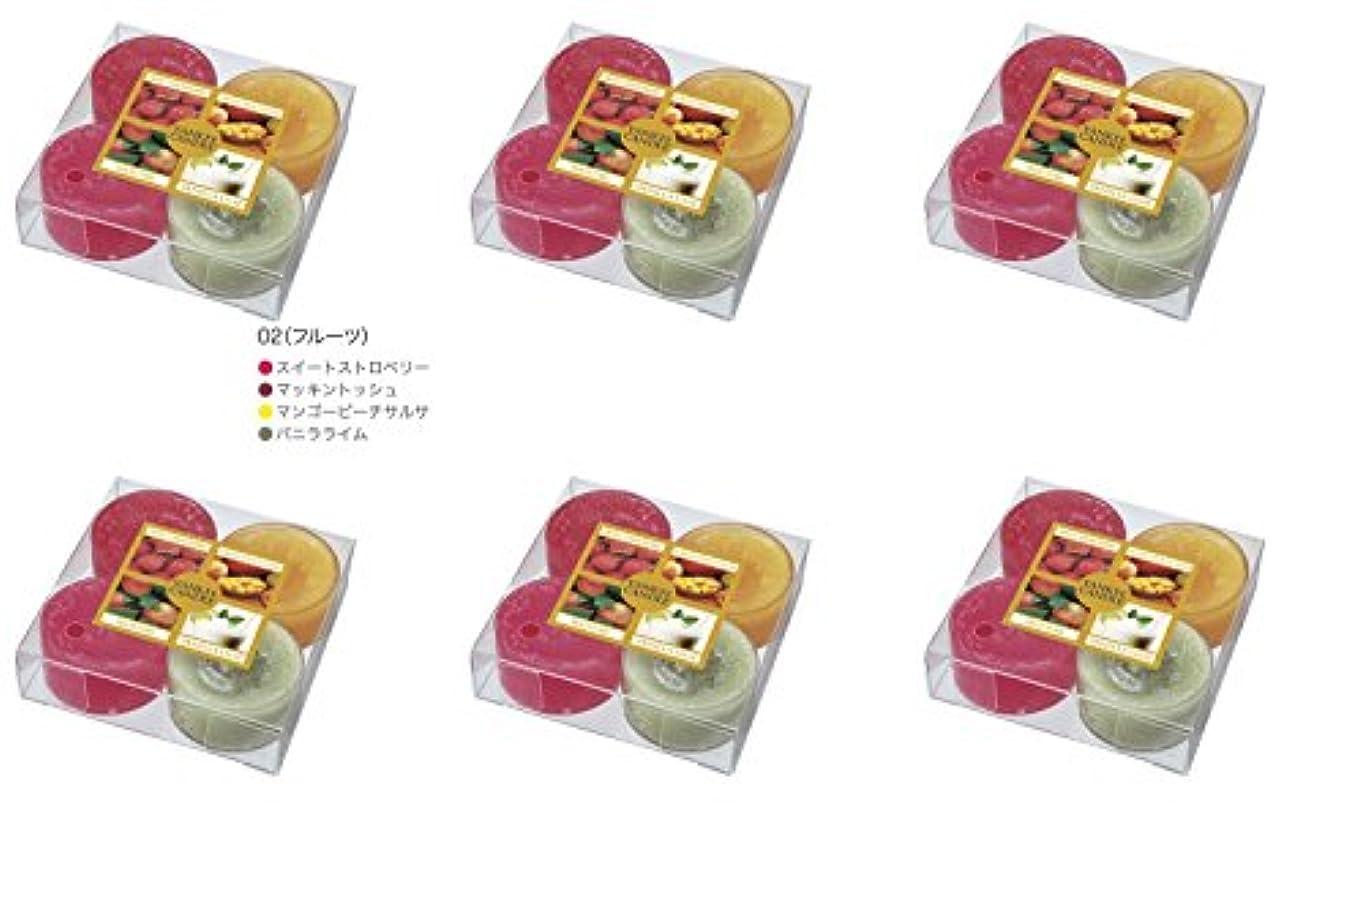 盟主マーキングモートYANKEE CANDLE(ヤンキーキャンドル) ティーライトアソート フルーツ【6点セット】